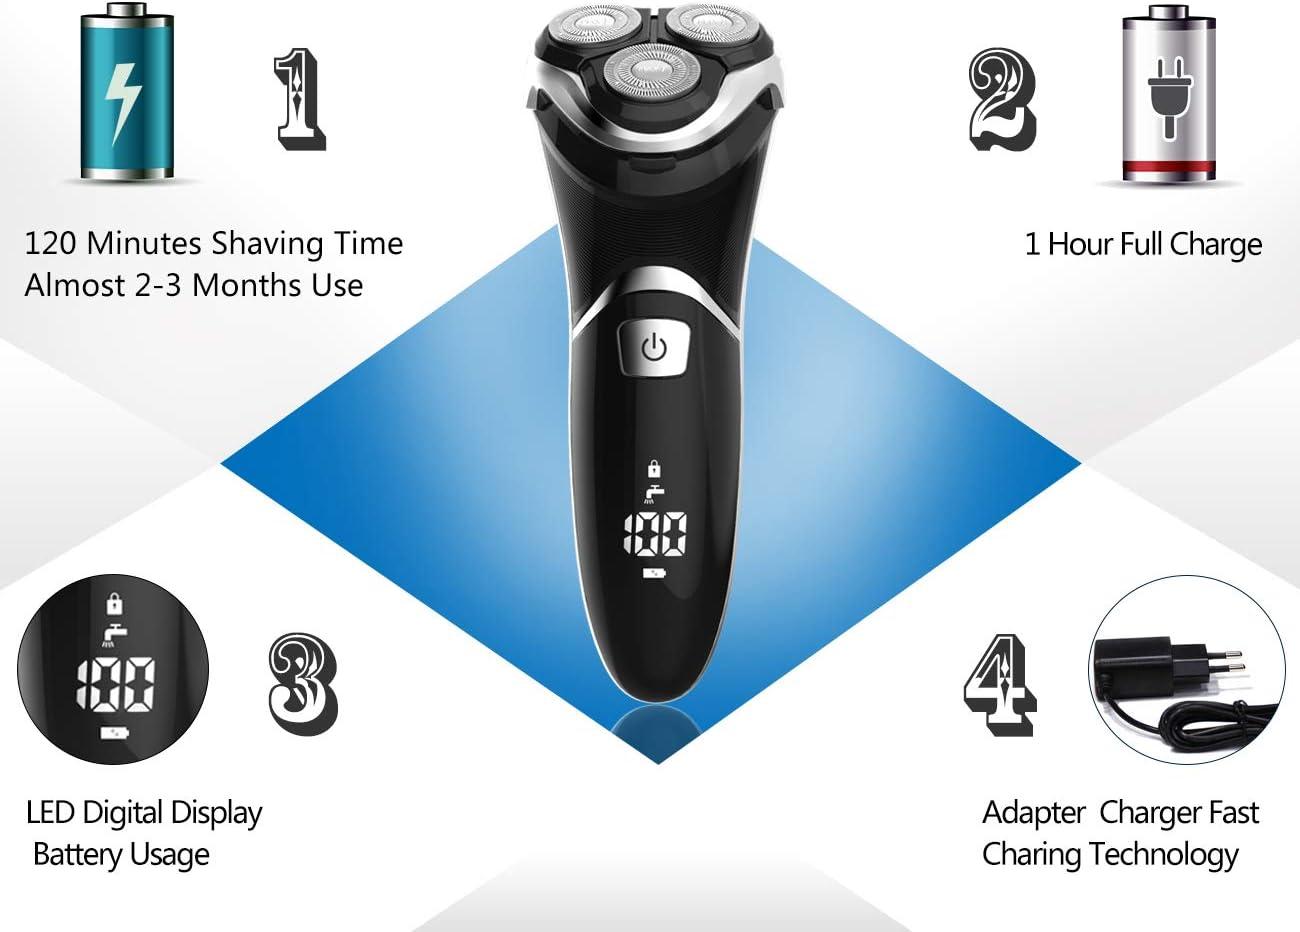 MAX-T RMS8101 Afeitadora Eléctrica Hombre Húmedo & Seco con Pop-up Trimmer Máquina Afeitar Barba IPX7 100% Impermeable: Amazon.es: Salud y cuidado personal